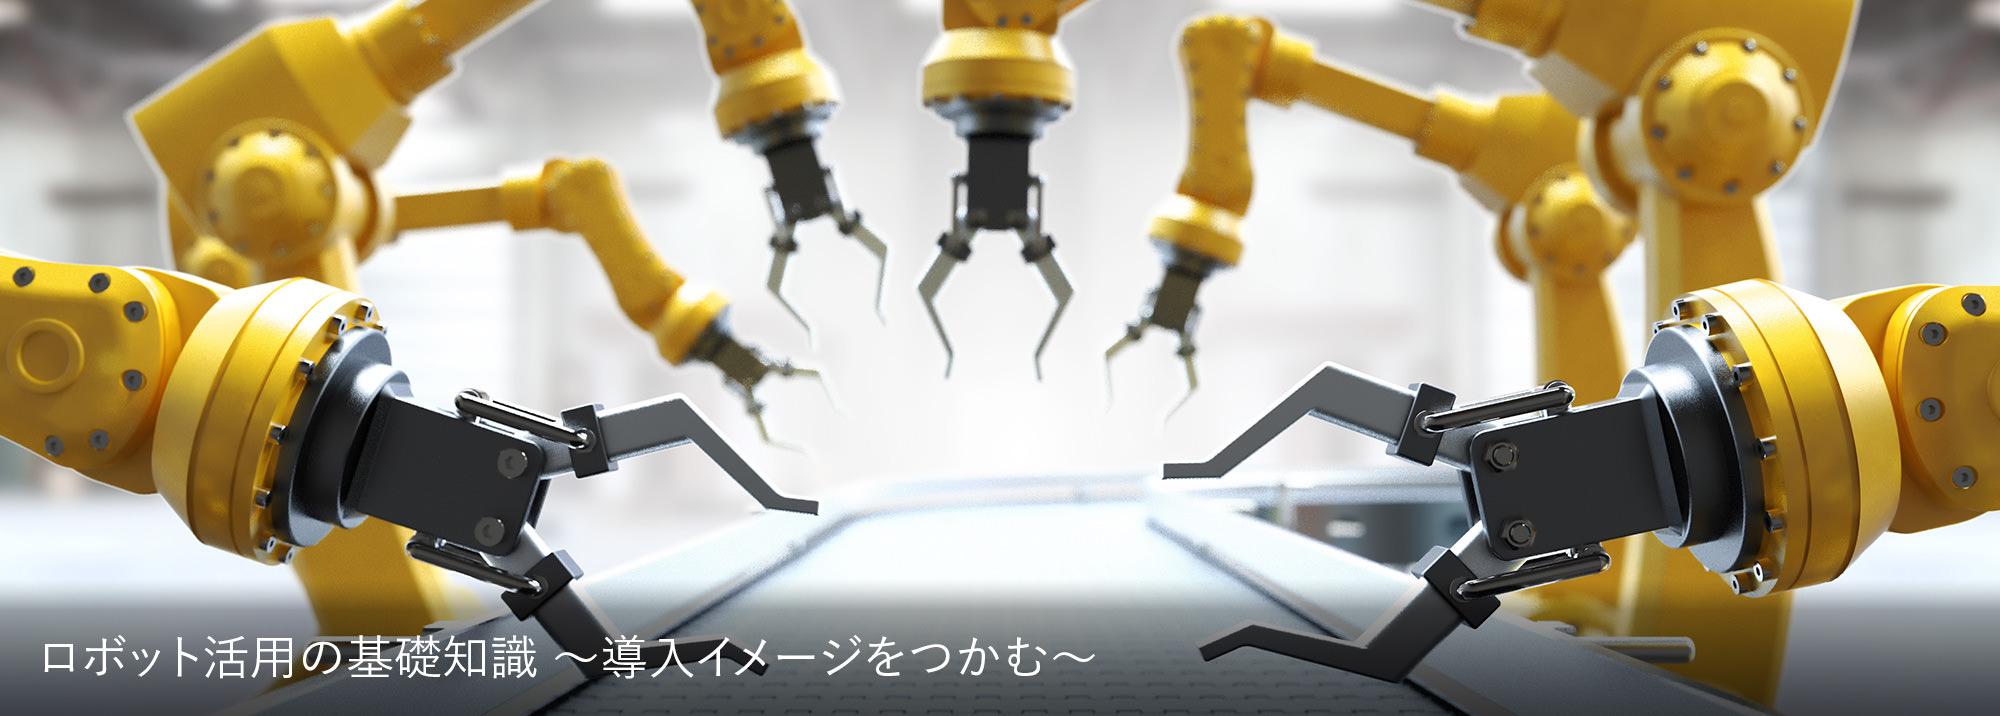 Rentec Insight ロボット活用の基礎知識~導入イメージをつかむ~